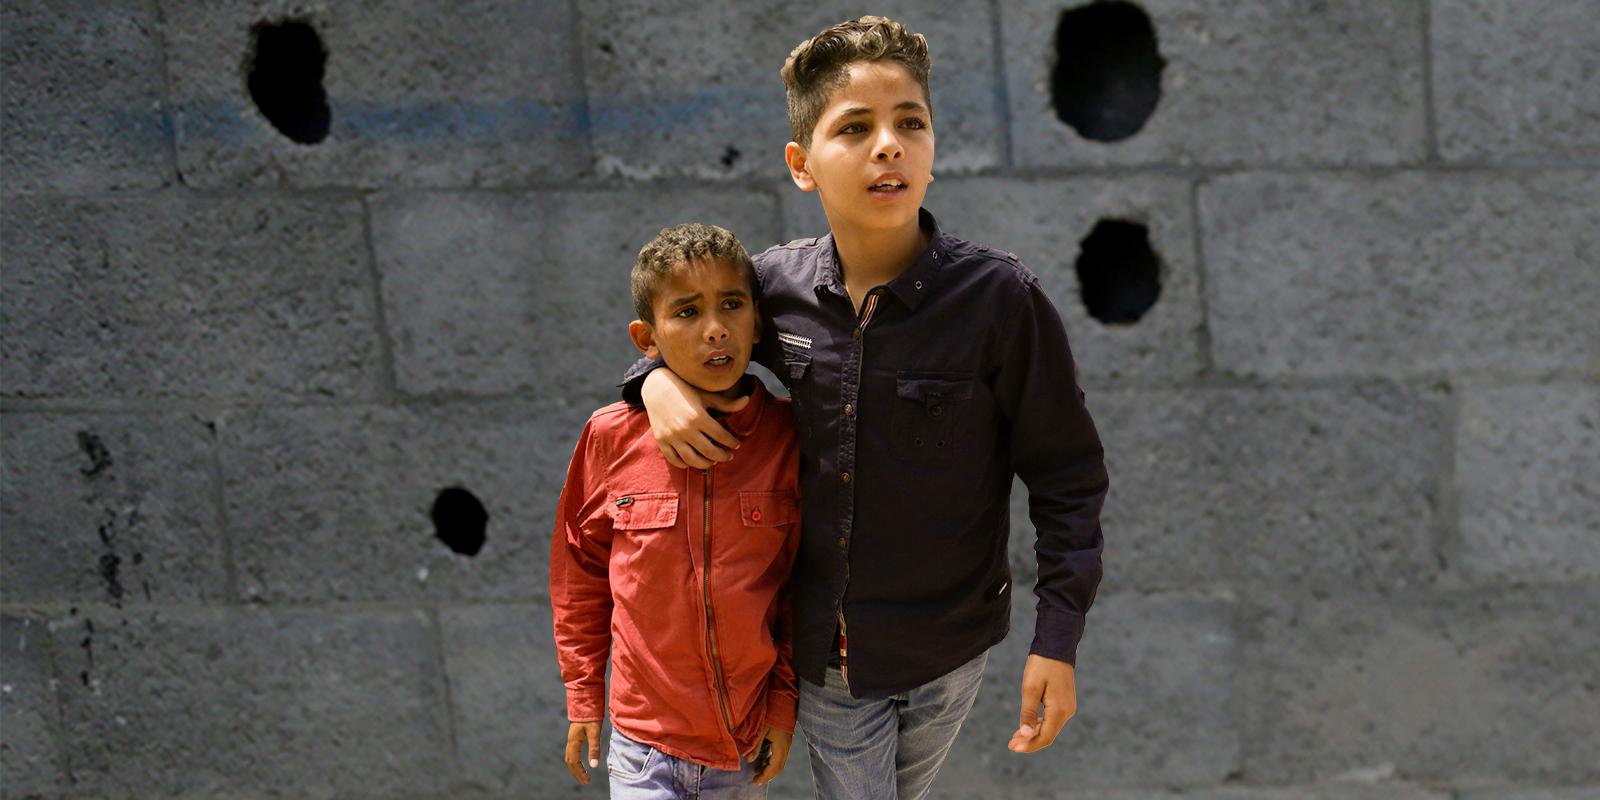 Unterstützen wir die Waisen von Gaza